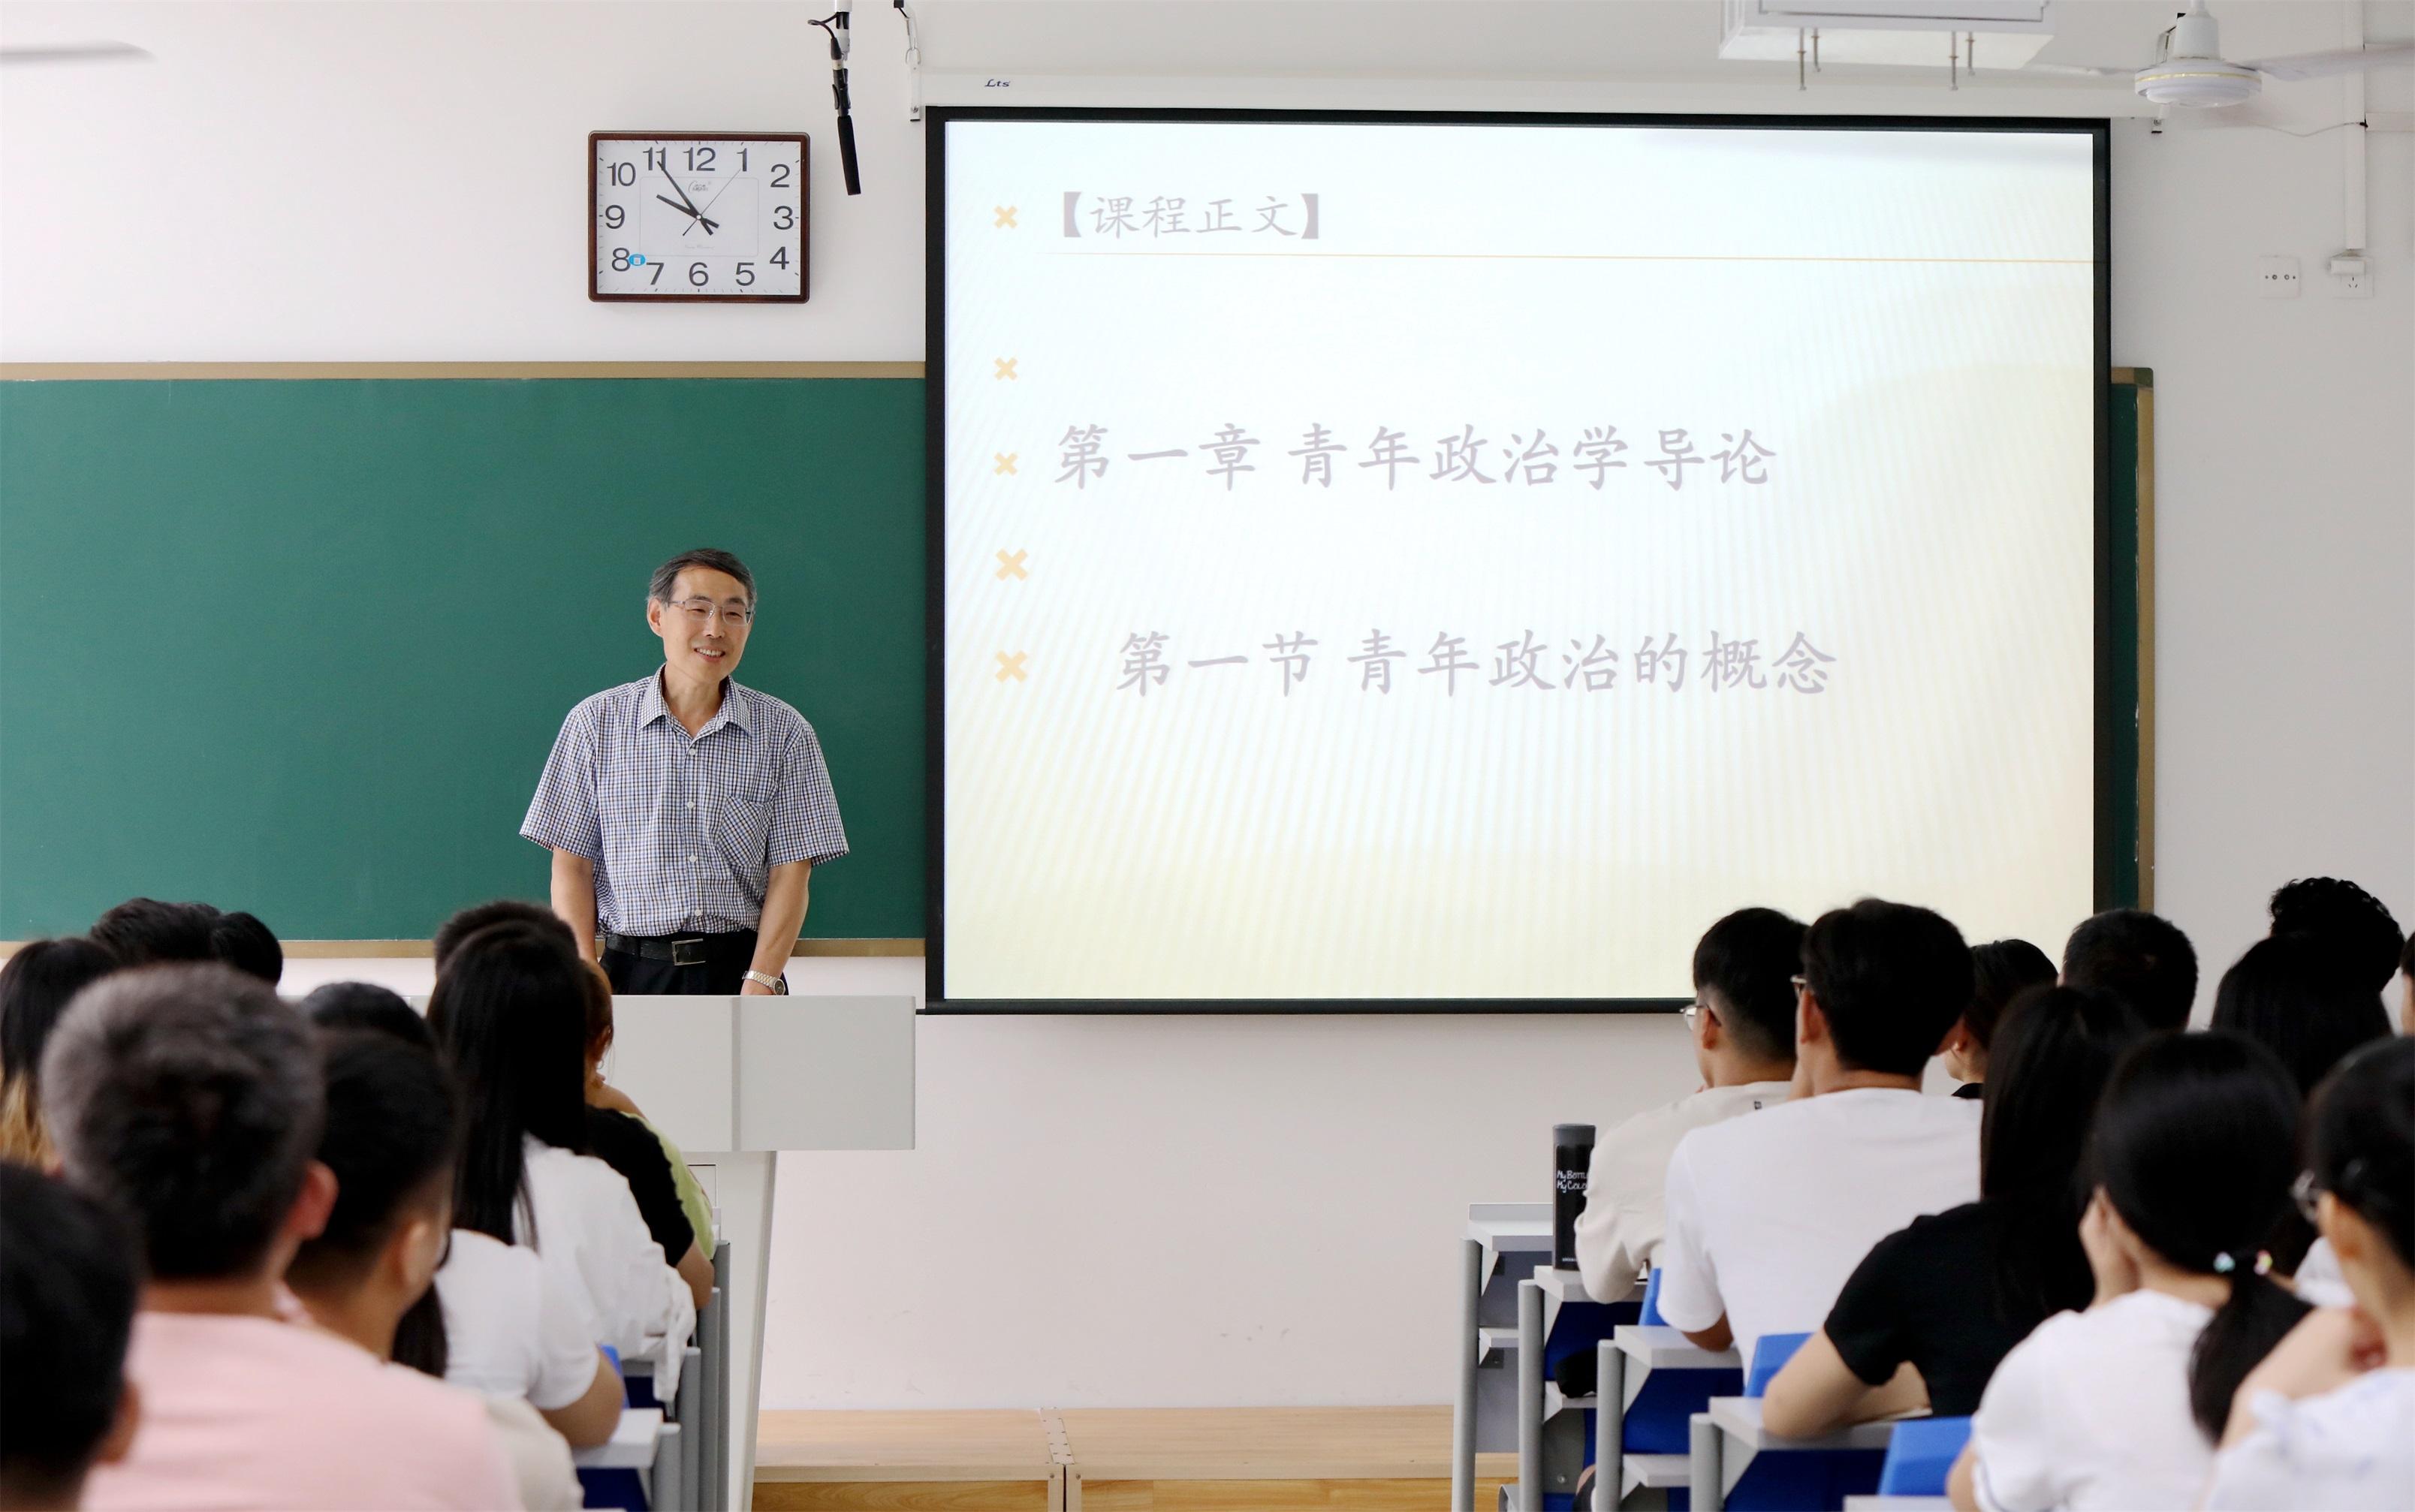 """新学期第一天 山东青年政治学院校领导开讲""""第一课"""""""